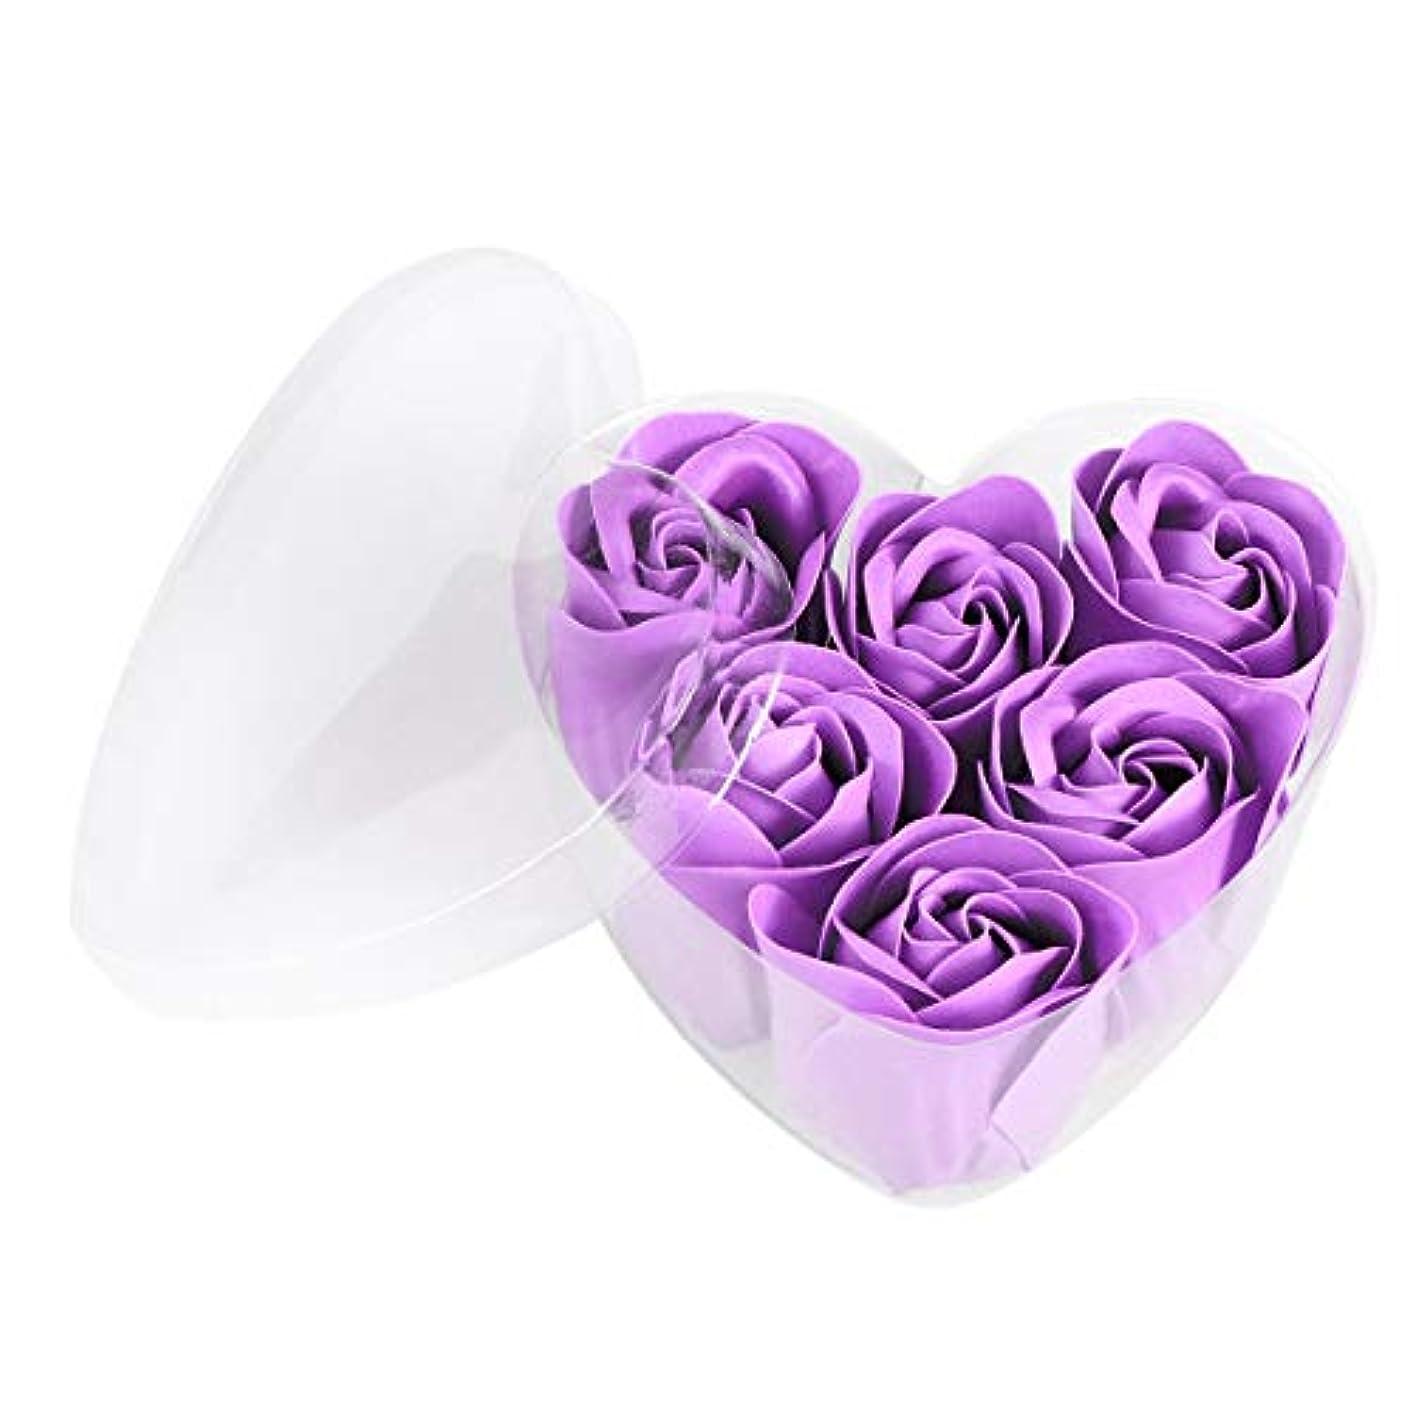 わかるどうしたの余暇Beaupretty 6本シミュレーションローズソープハート型フラワーソープギフトボックス結婚式の誕生日Valentin's Day(紫)